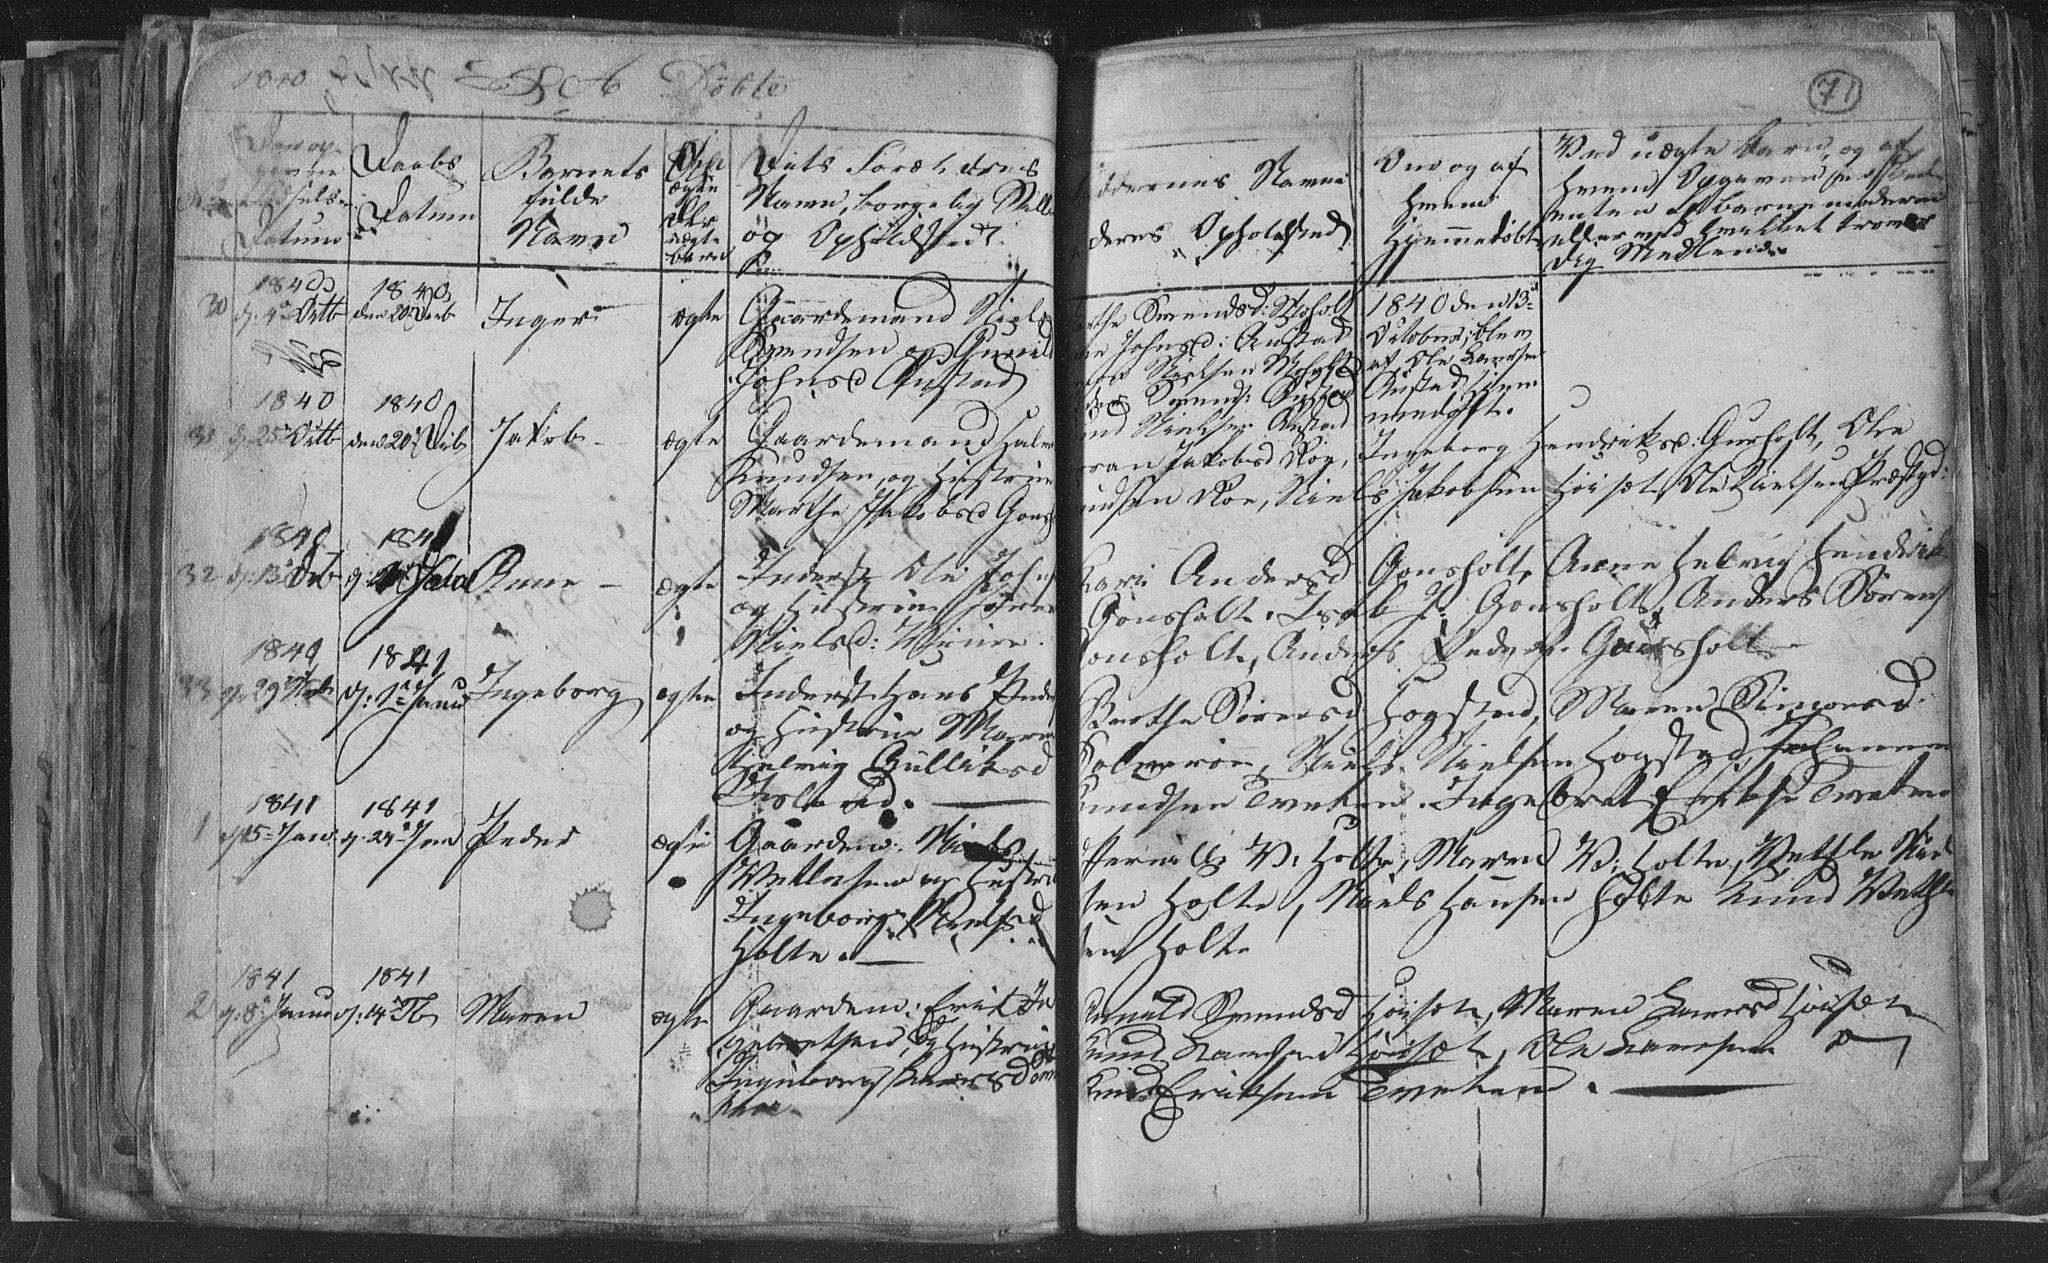 SAKO, Siljan kirkebøker, G/Ga/L0001: Klokkerbok nr. 1, 1827-1847, s. 71